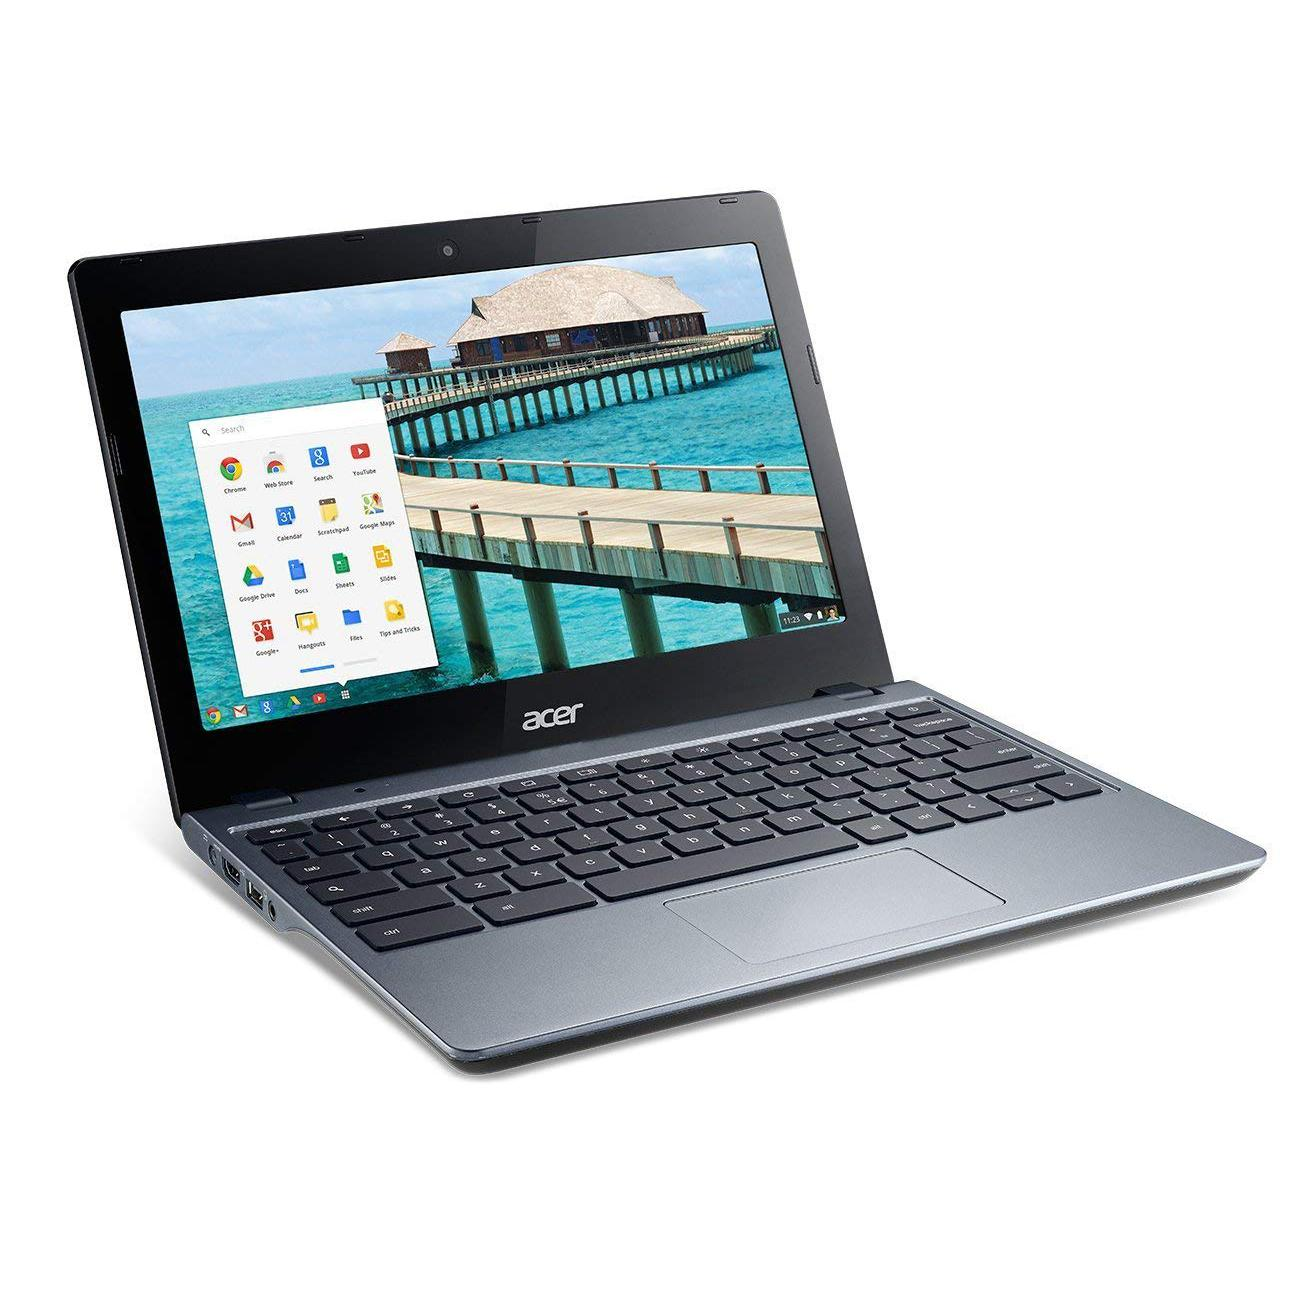 Acer C720-2800 11-inch (2014) - Celeron 2995U - 4 GB  - SSD 16 GB